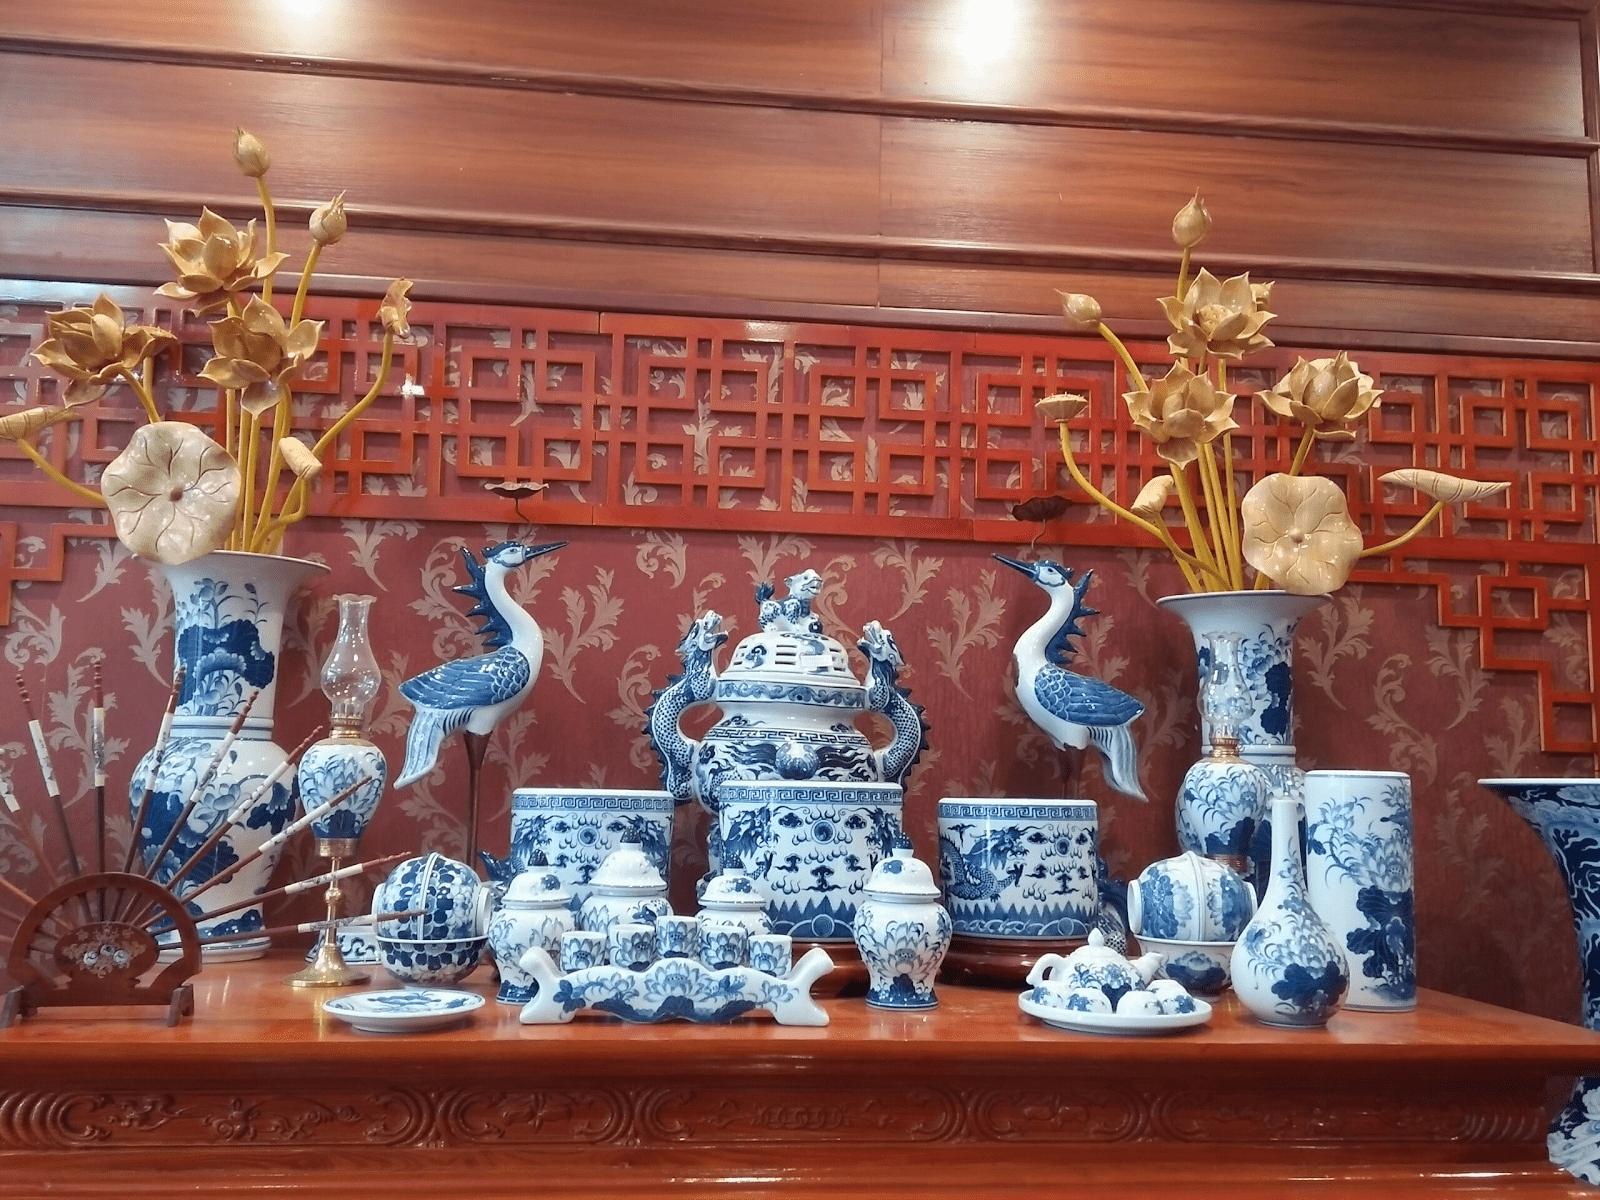 Mỗi món đồ thờ trên bàn thờ đều mang ý nghĩa đặc biệt